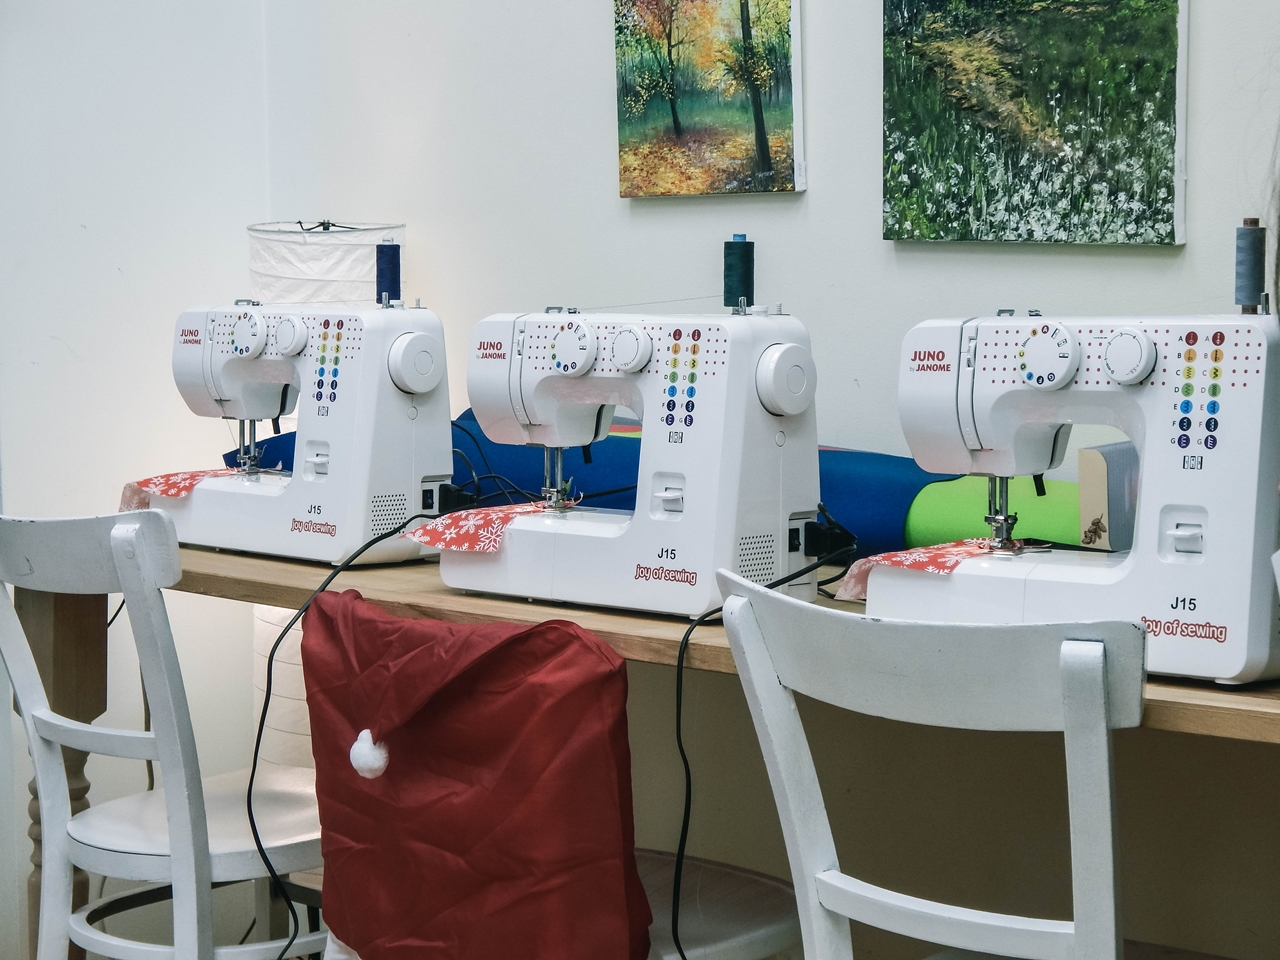 8 spotkanie blogerek mikołajki łódź 2017 akademia urody melodylaniella łódź blog beauty lifestyle fashion moda kulinaria instagram łódź influencer